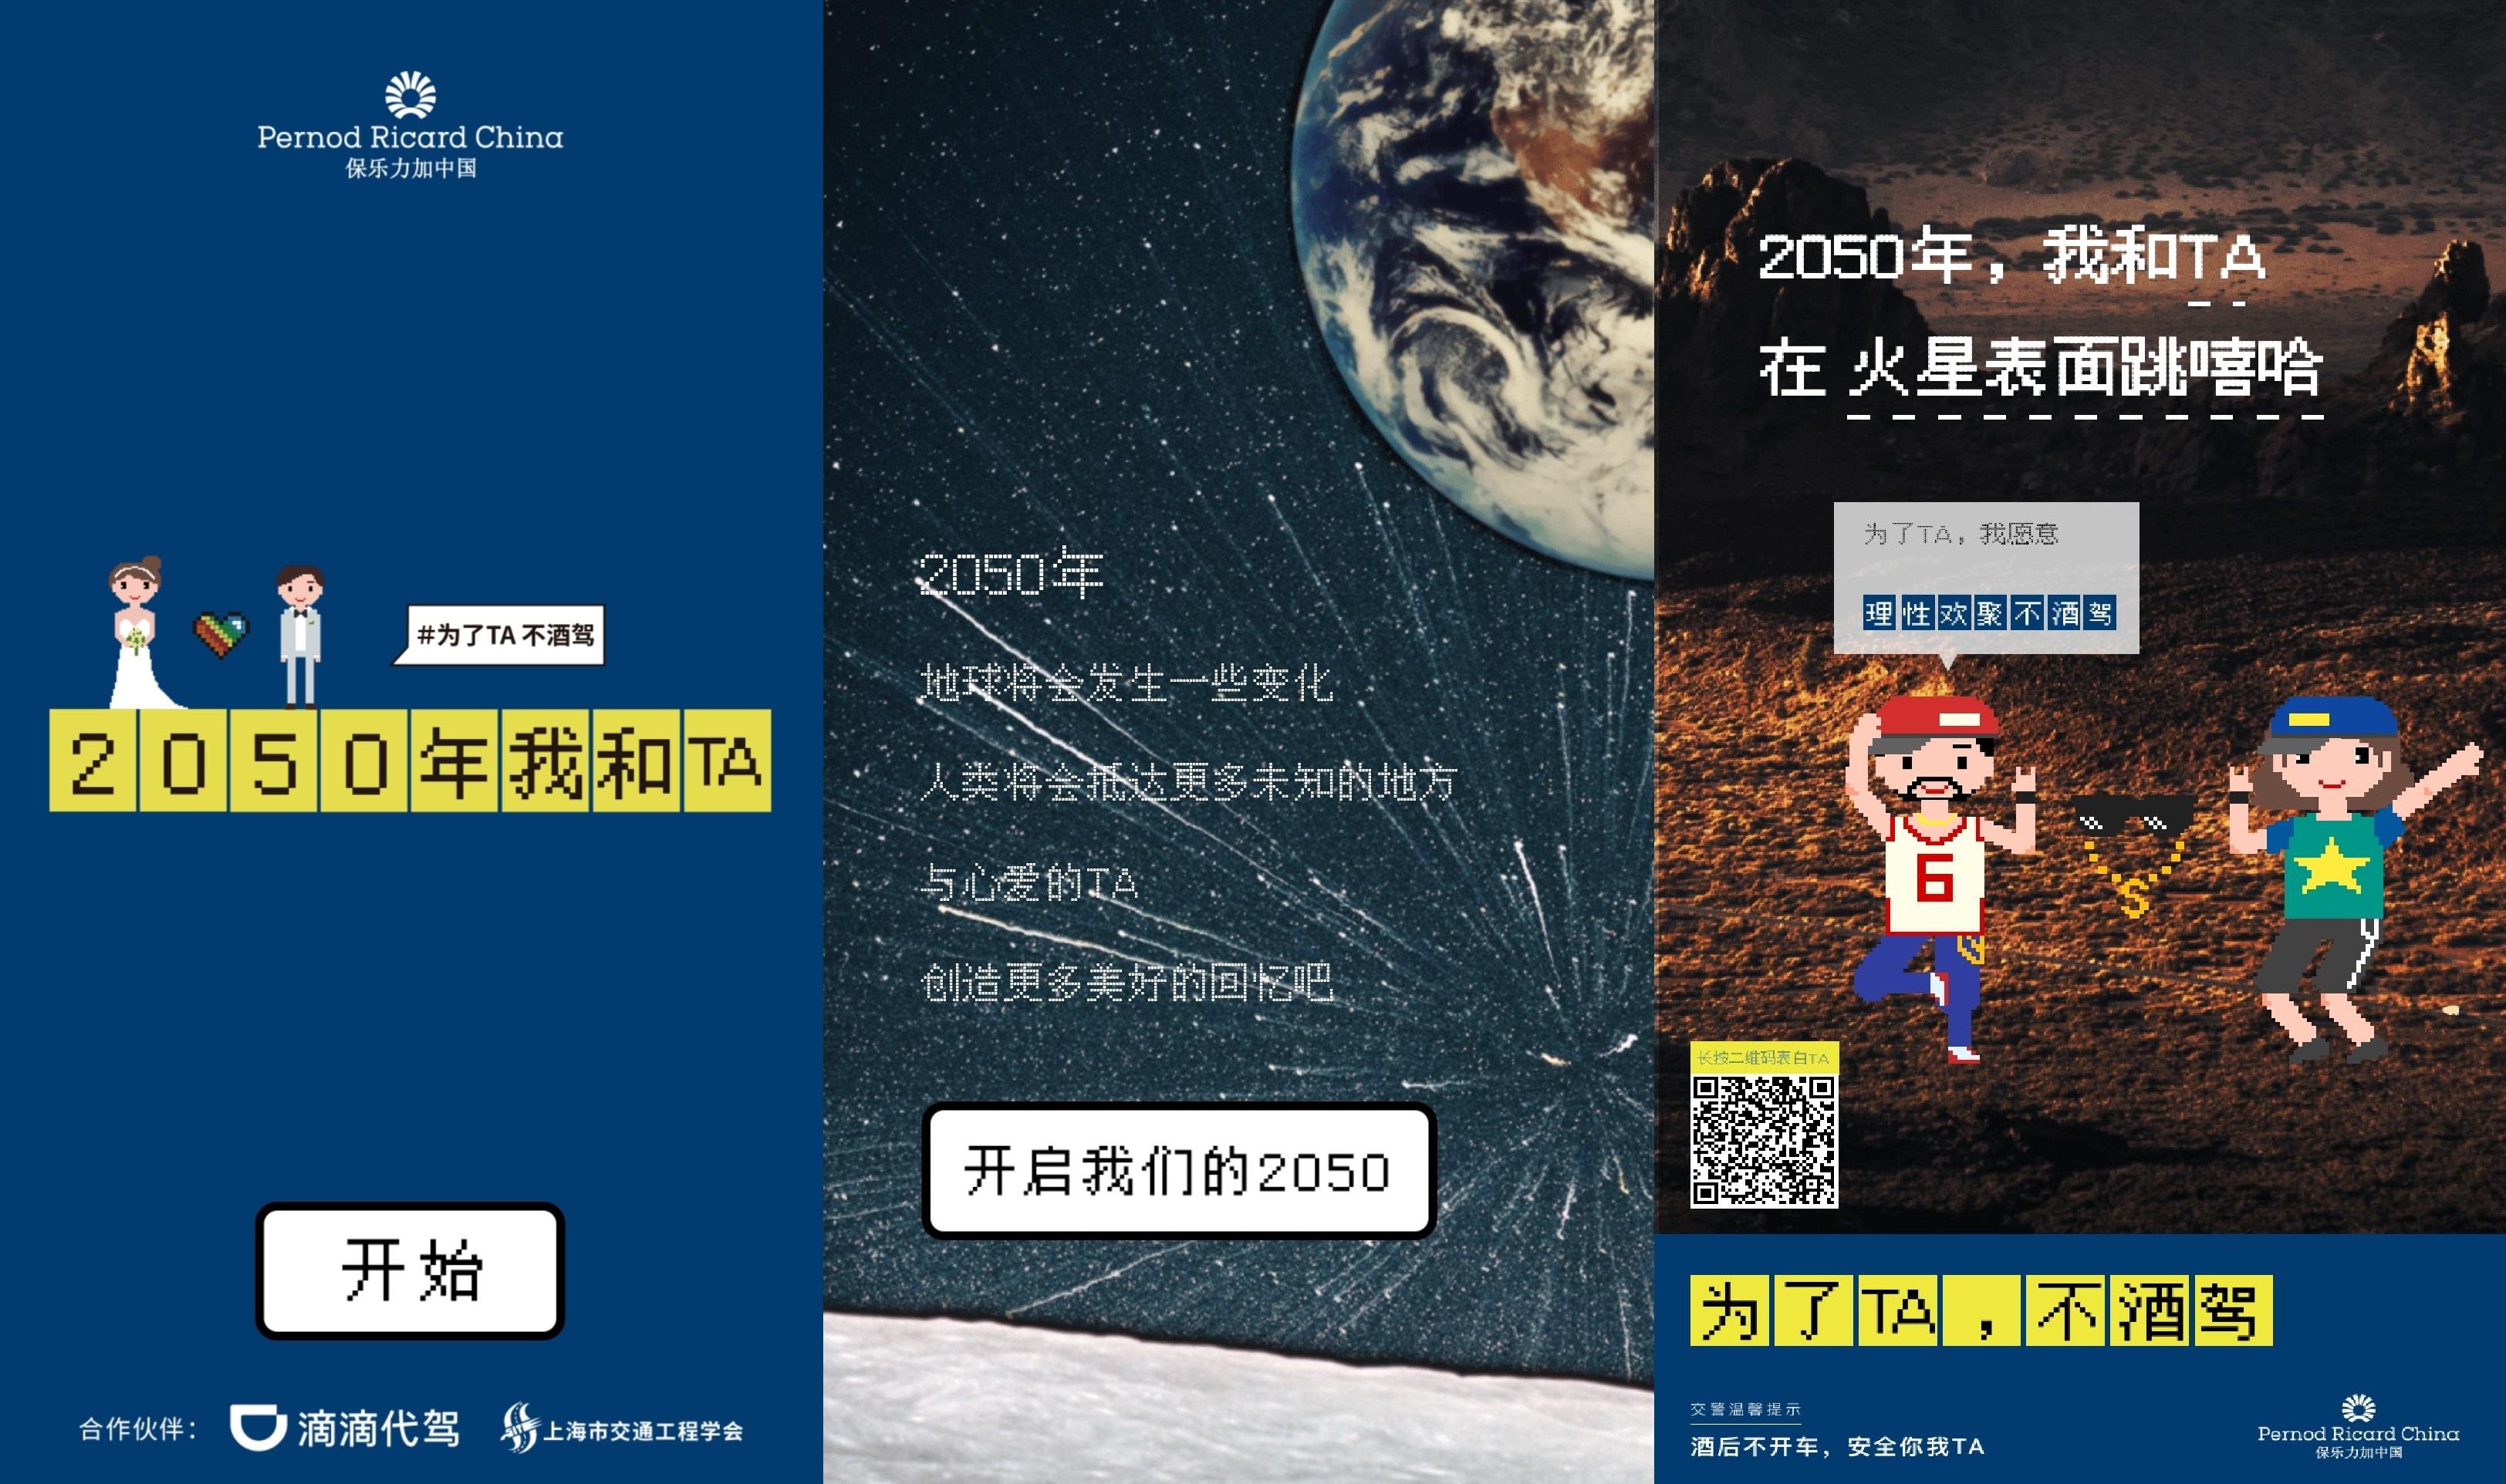 """保乐力加中国发起""""为了TA,不酒驾""""公益宣传活动  倡导拒绝酒后驾车,践行企业社会责任插图(1)"""